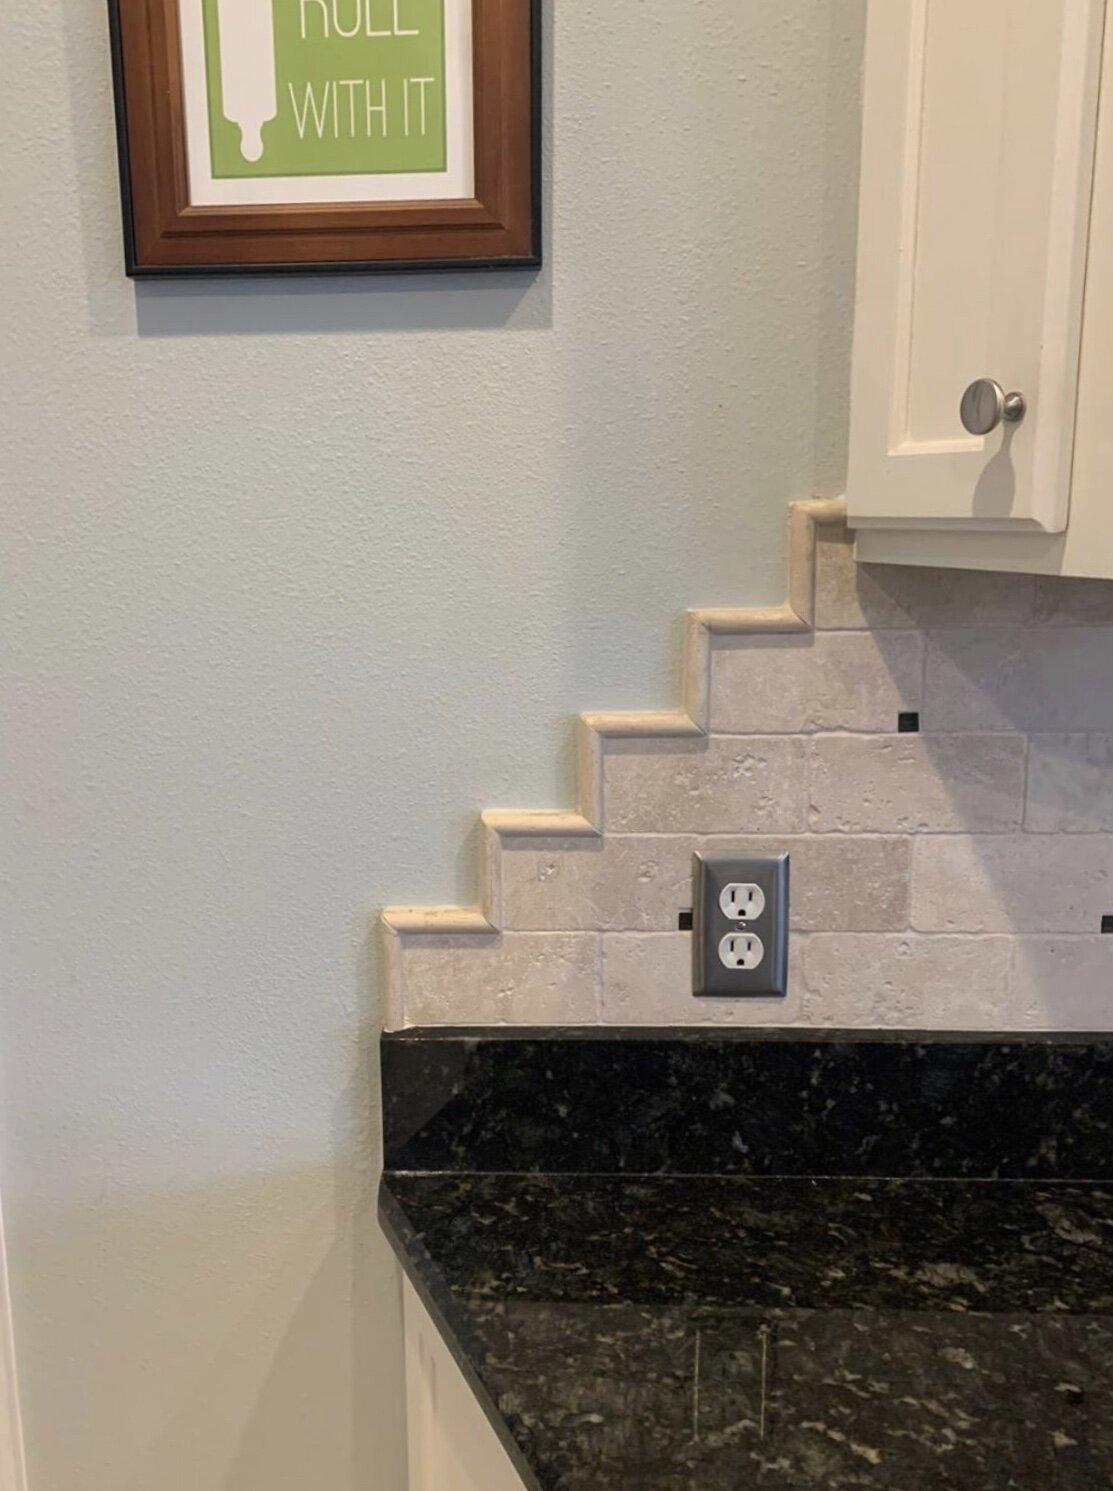 5 Bad Interior Design Details You Have To See Designed